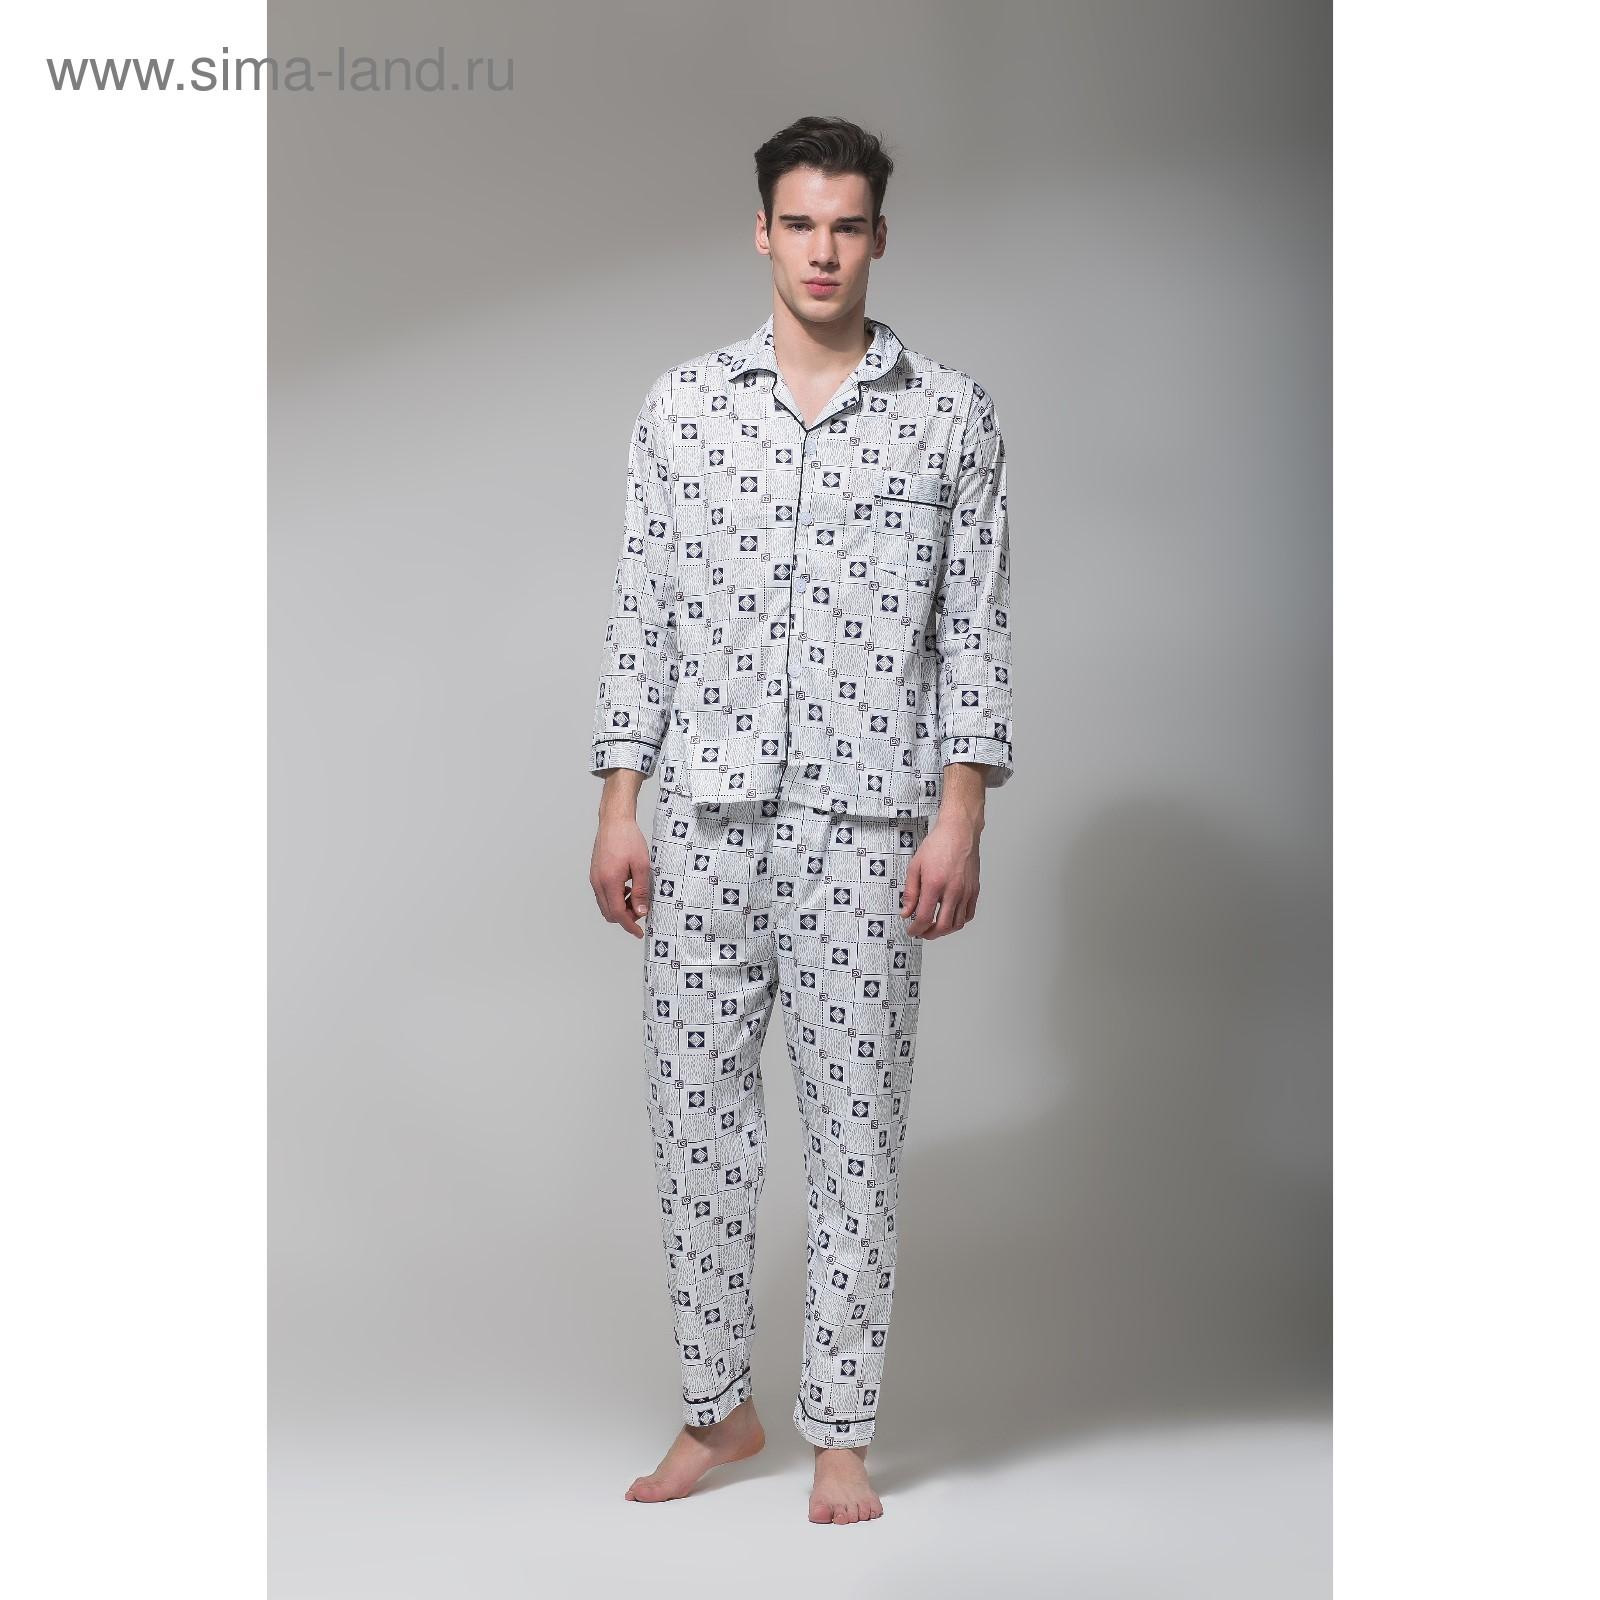 Пижама мужская 8-146 цвет МИКС 5bcd19b076702